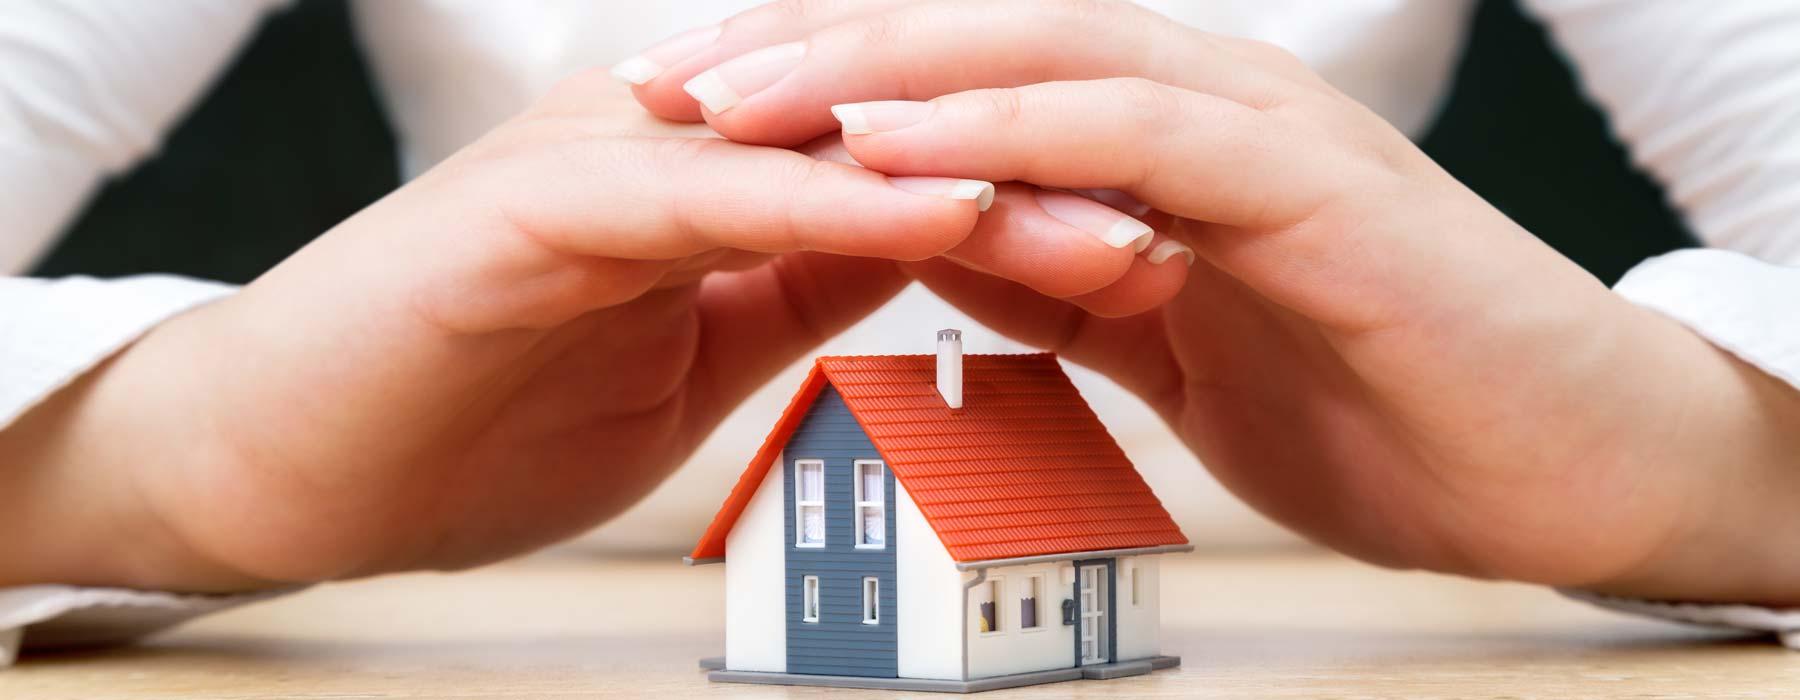 Ασφάλεια Κατοικίας στην Κατερίνη Πιερίας Κική Ρϊντου